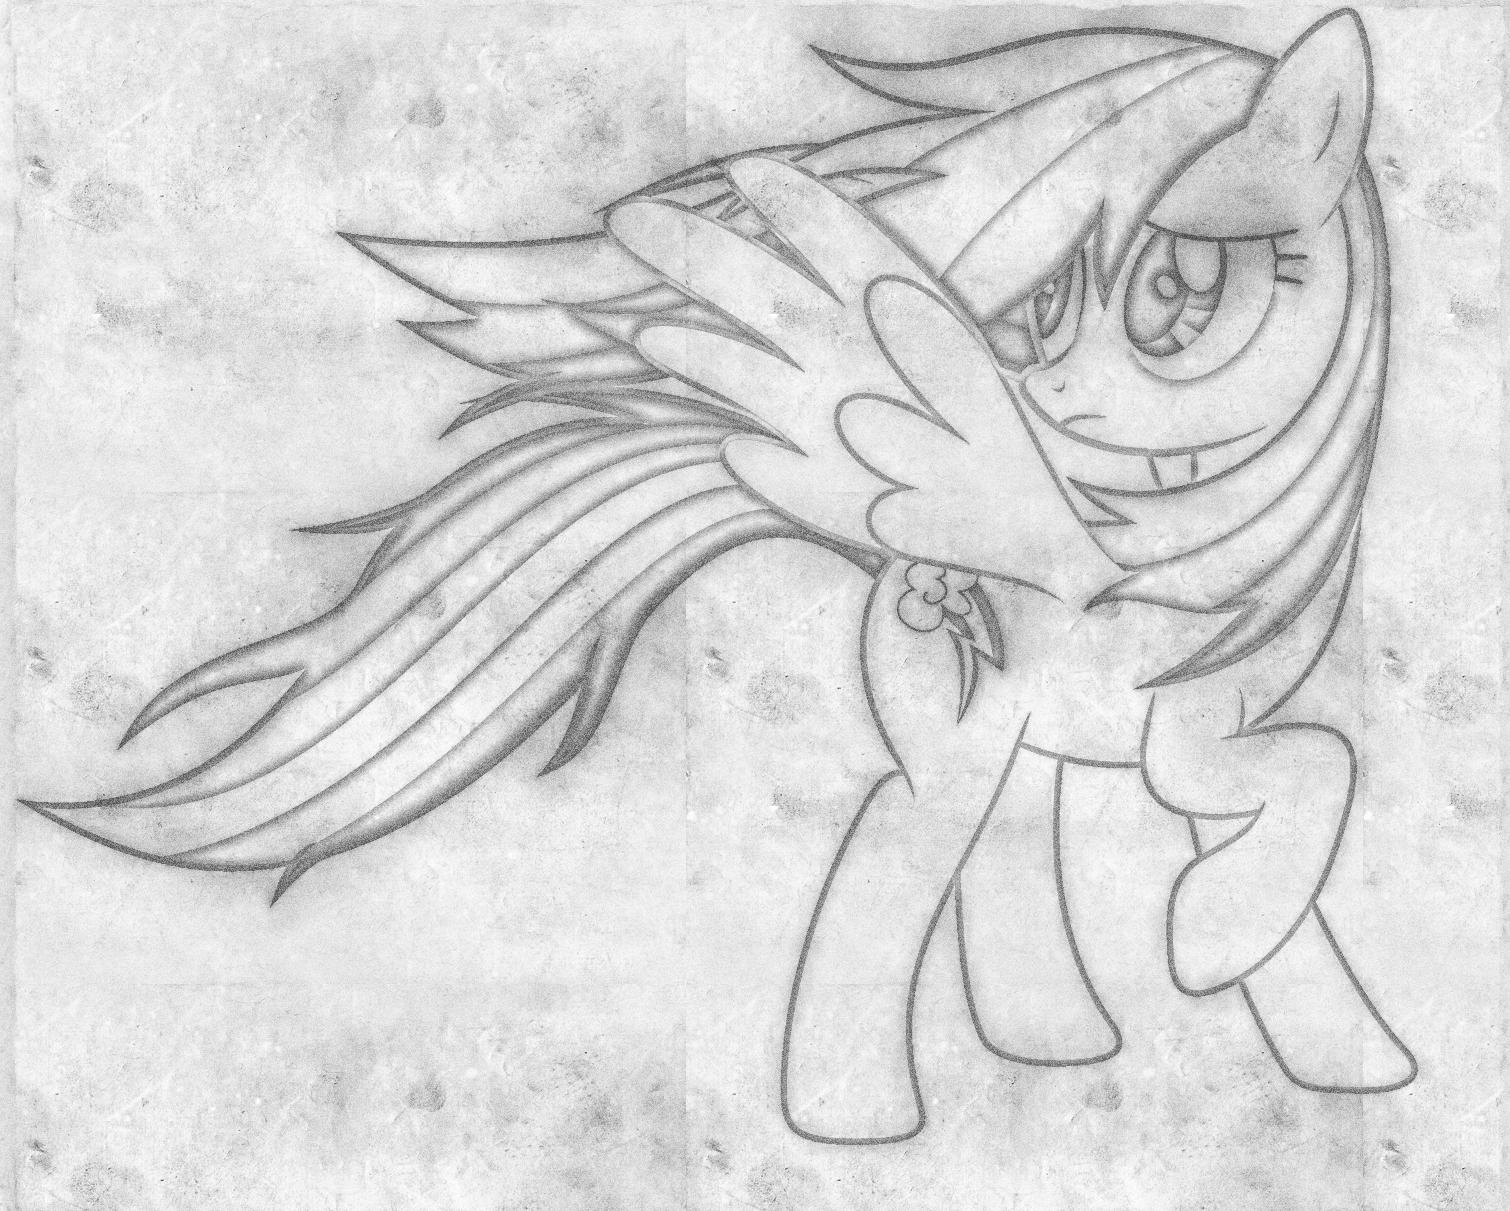 Drawn rainbow hand drawn Dash 2 dash drawn on